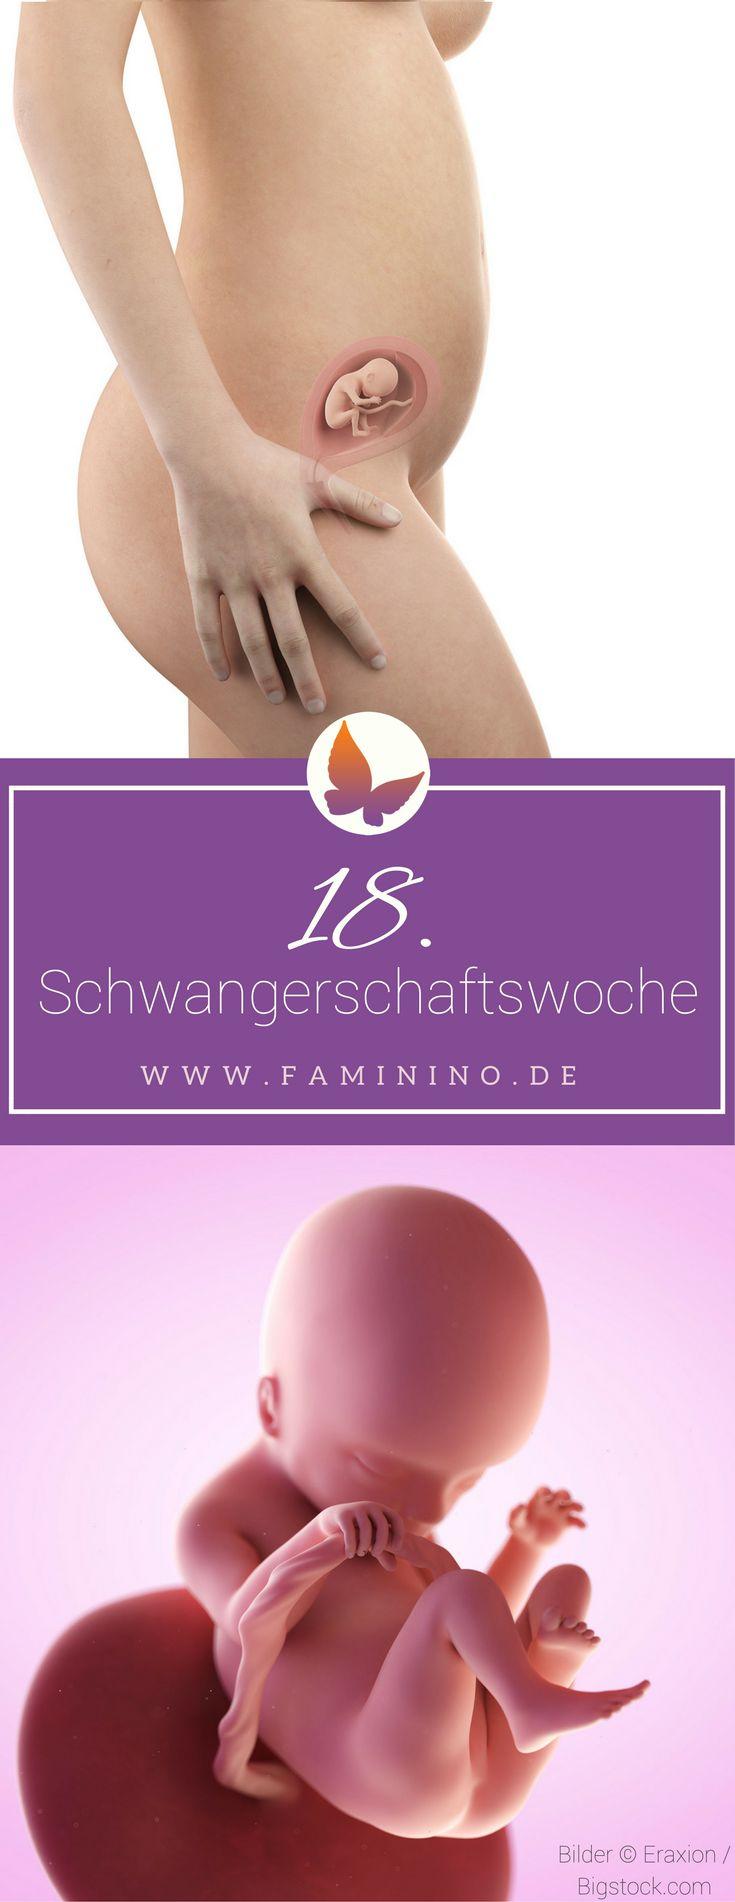 18. SSW (Schwangerschaftswoche): Dein Baby, dein Körper, Beschwerden und mehr